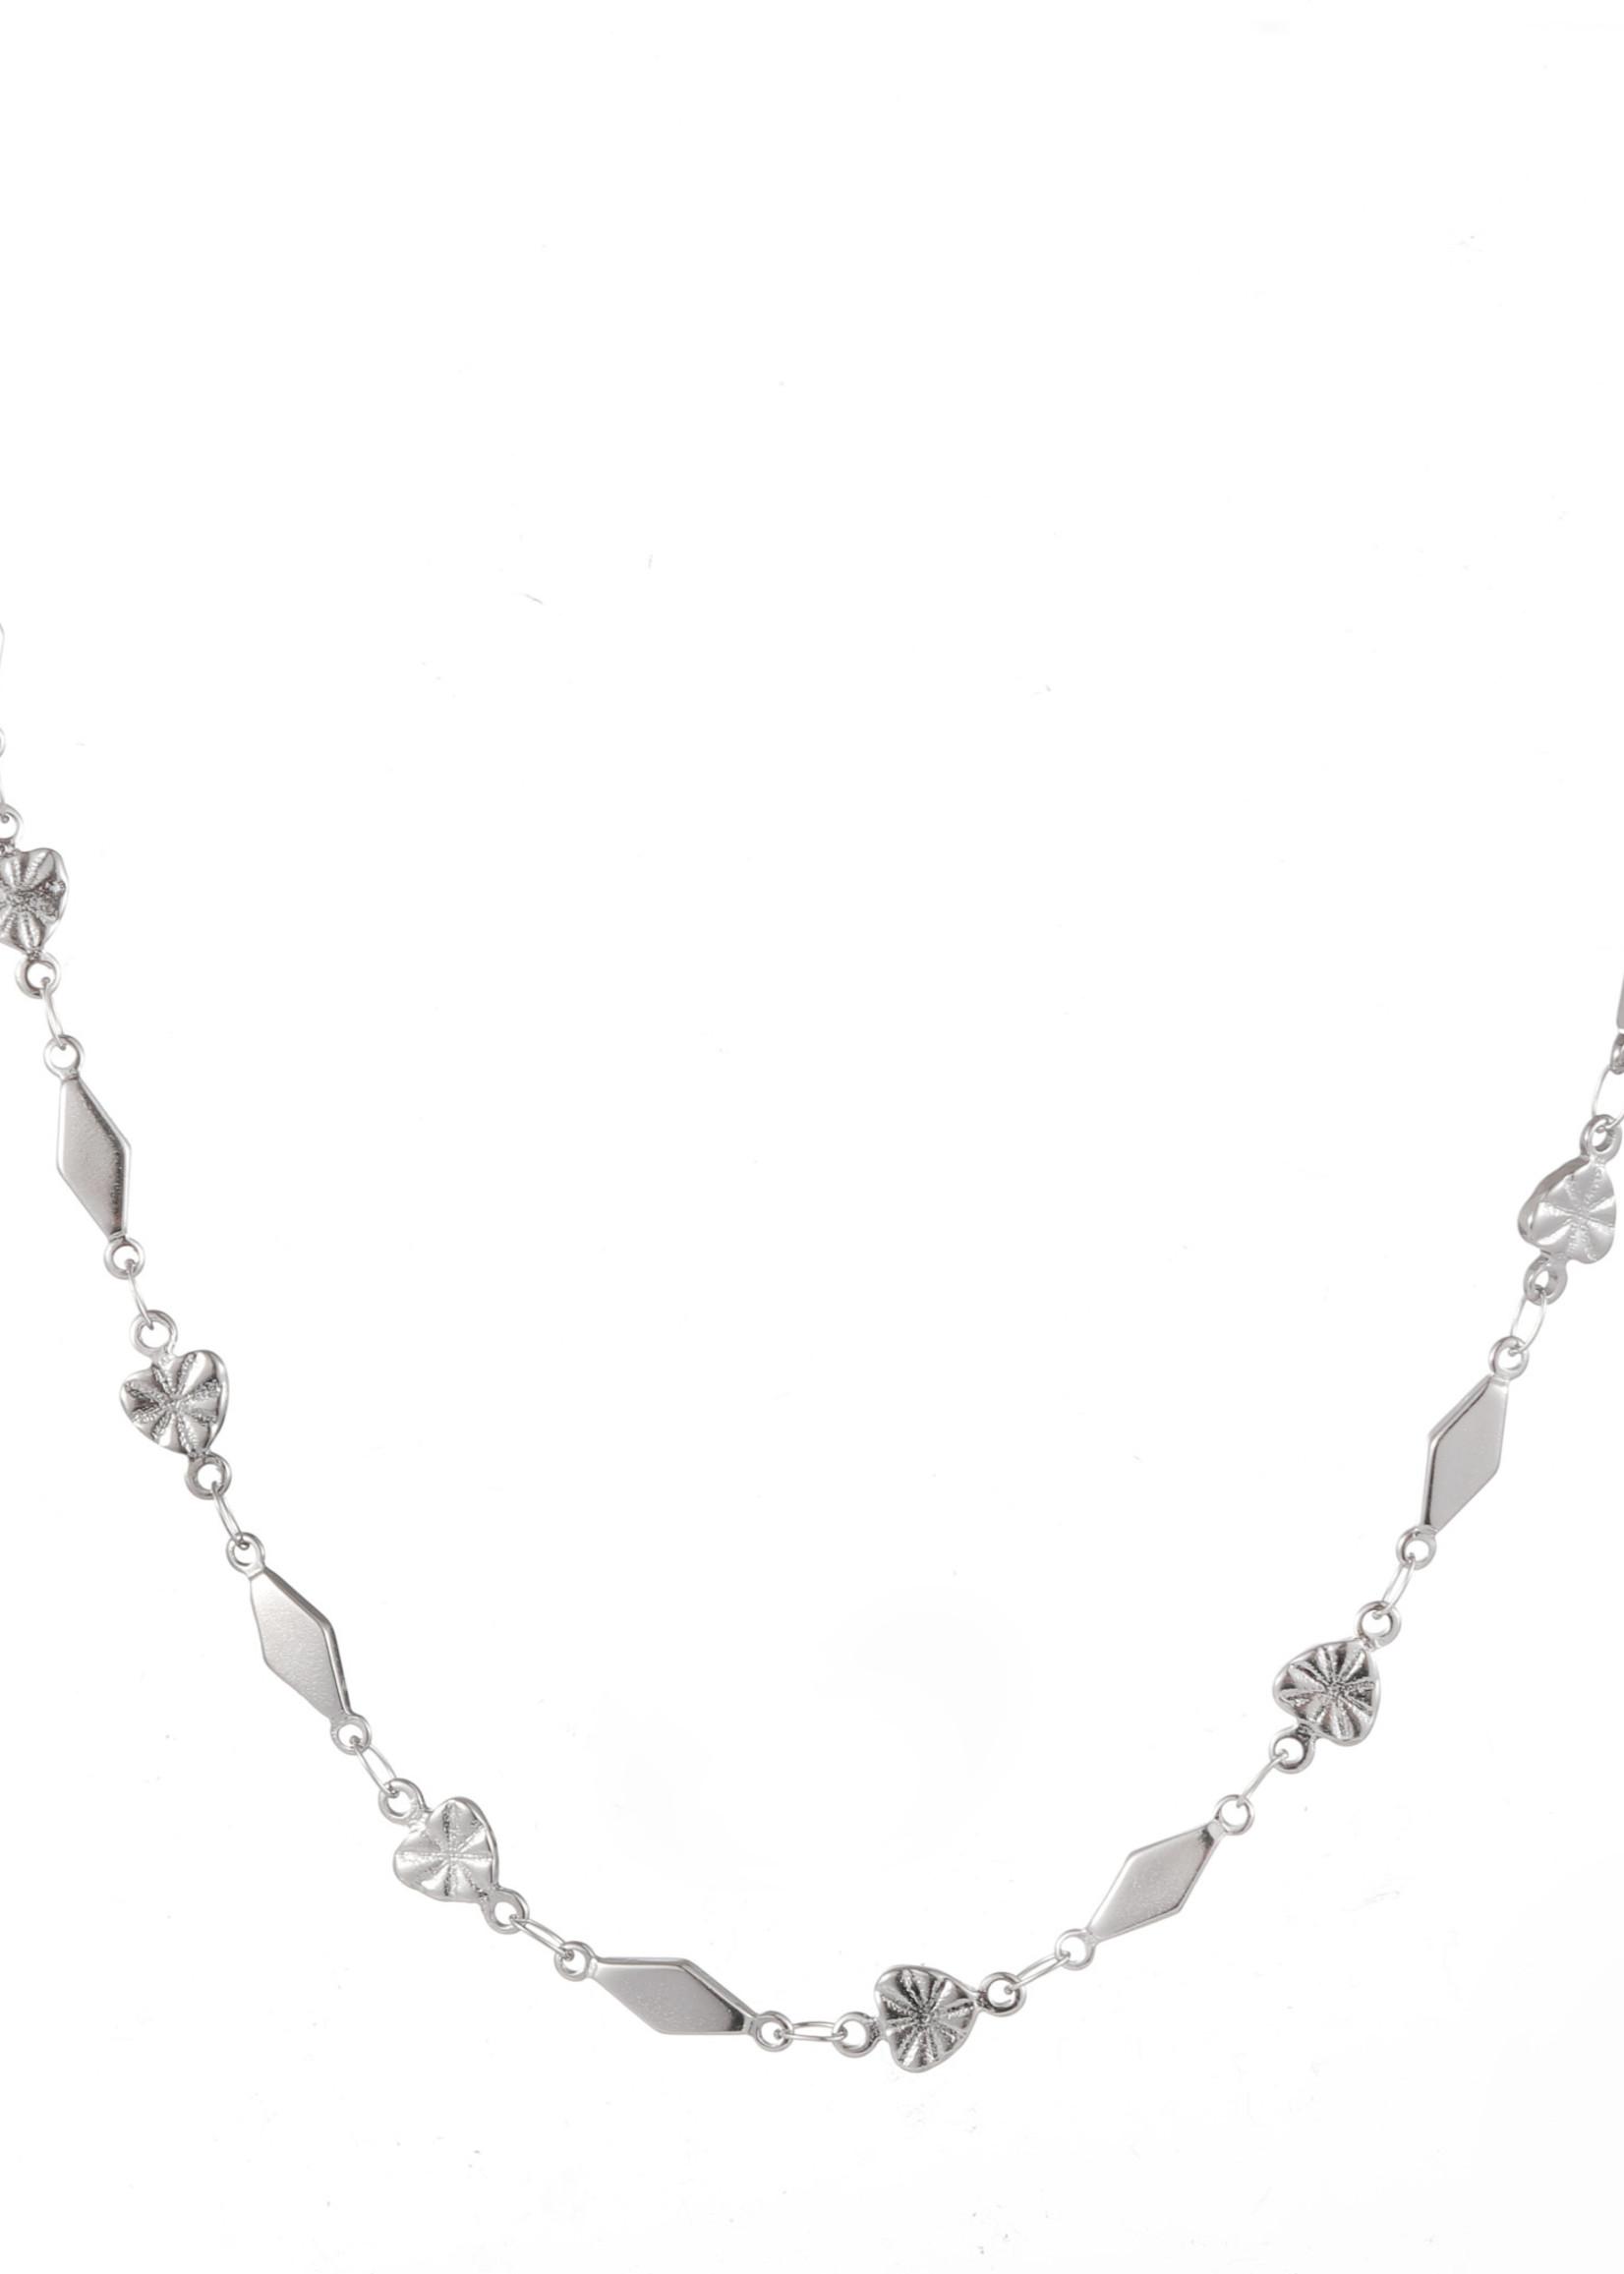 Ketting zilver hartjes en ruitjes N1862-1